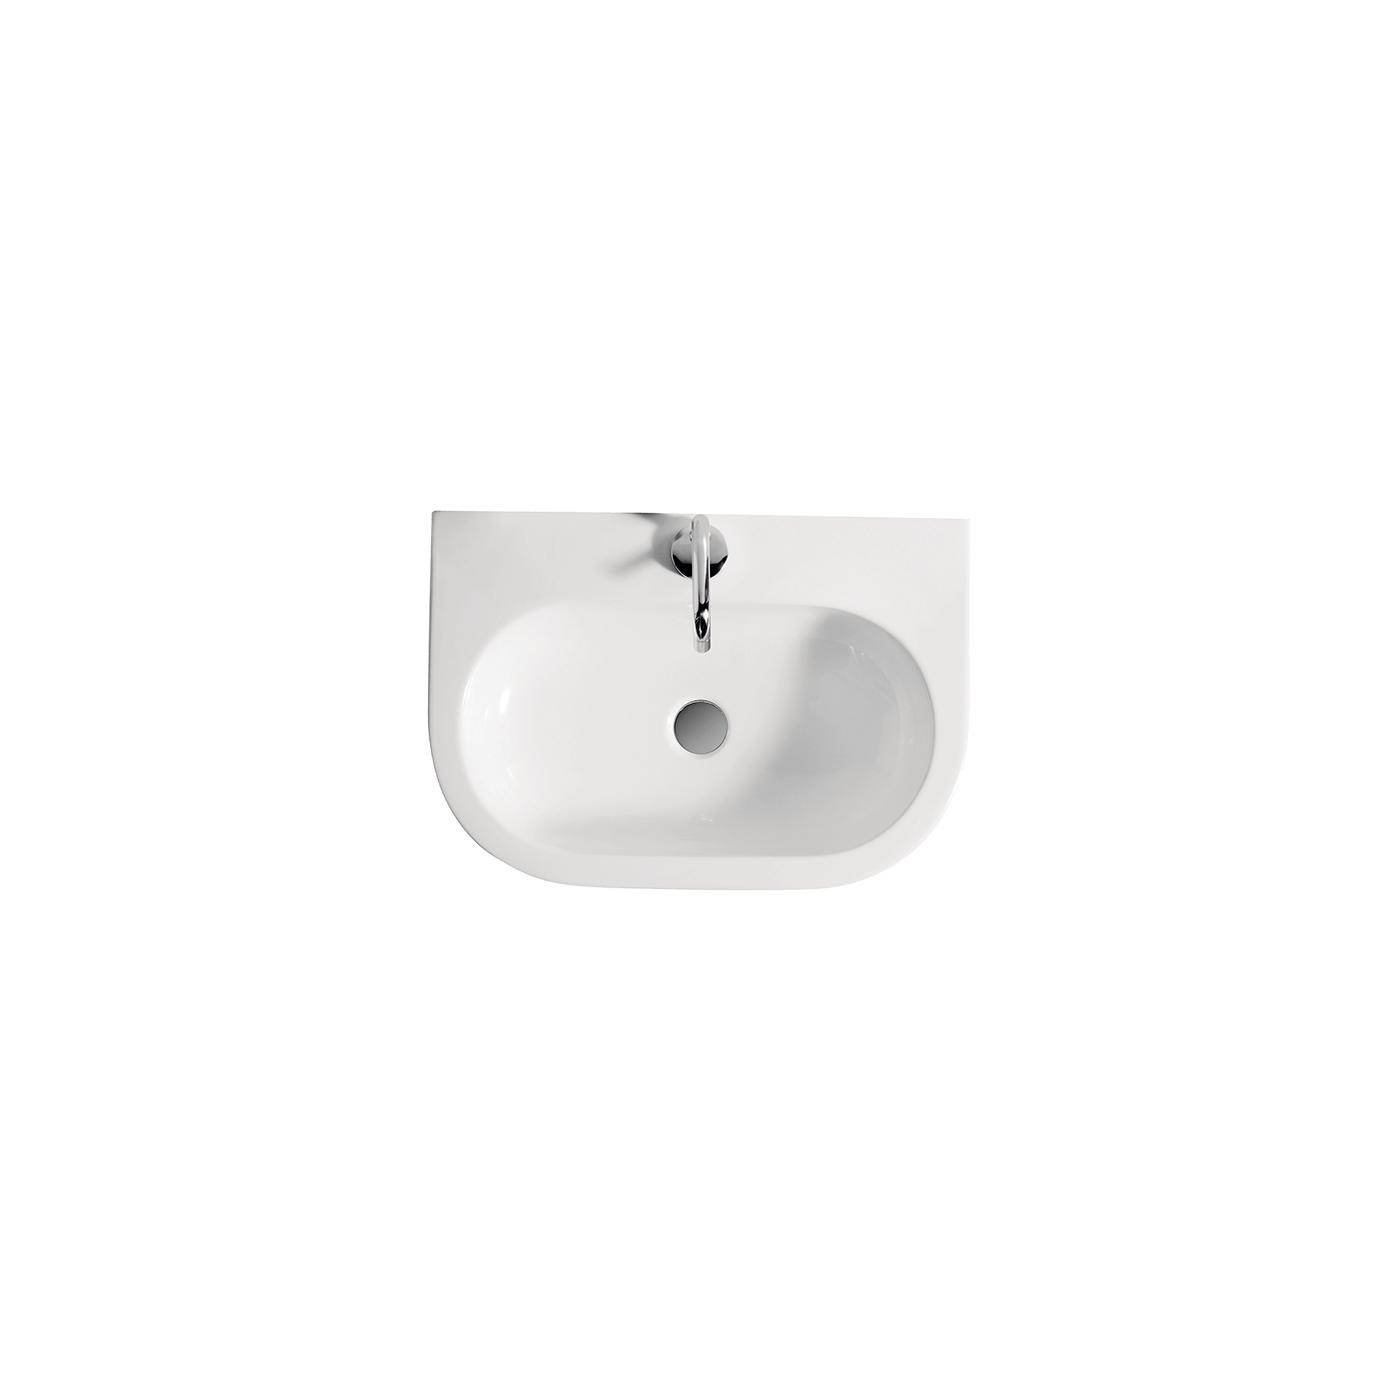 lavabo appoggio 60 cm. Black Bedroom Furniture Sets. Home Design Ideas